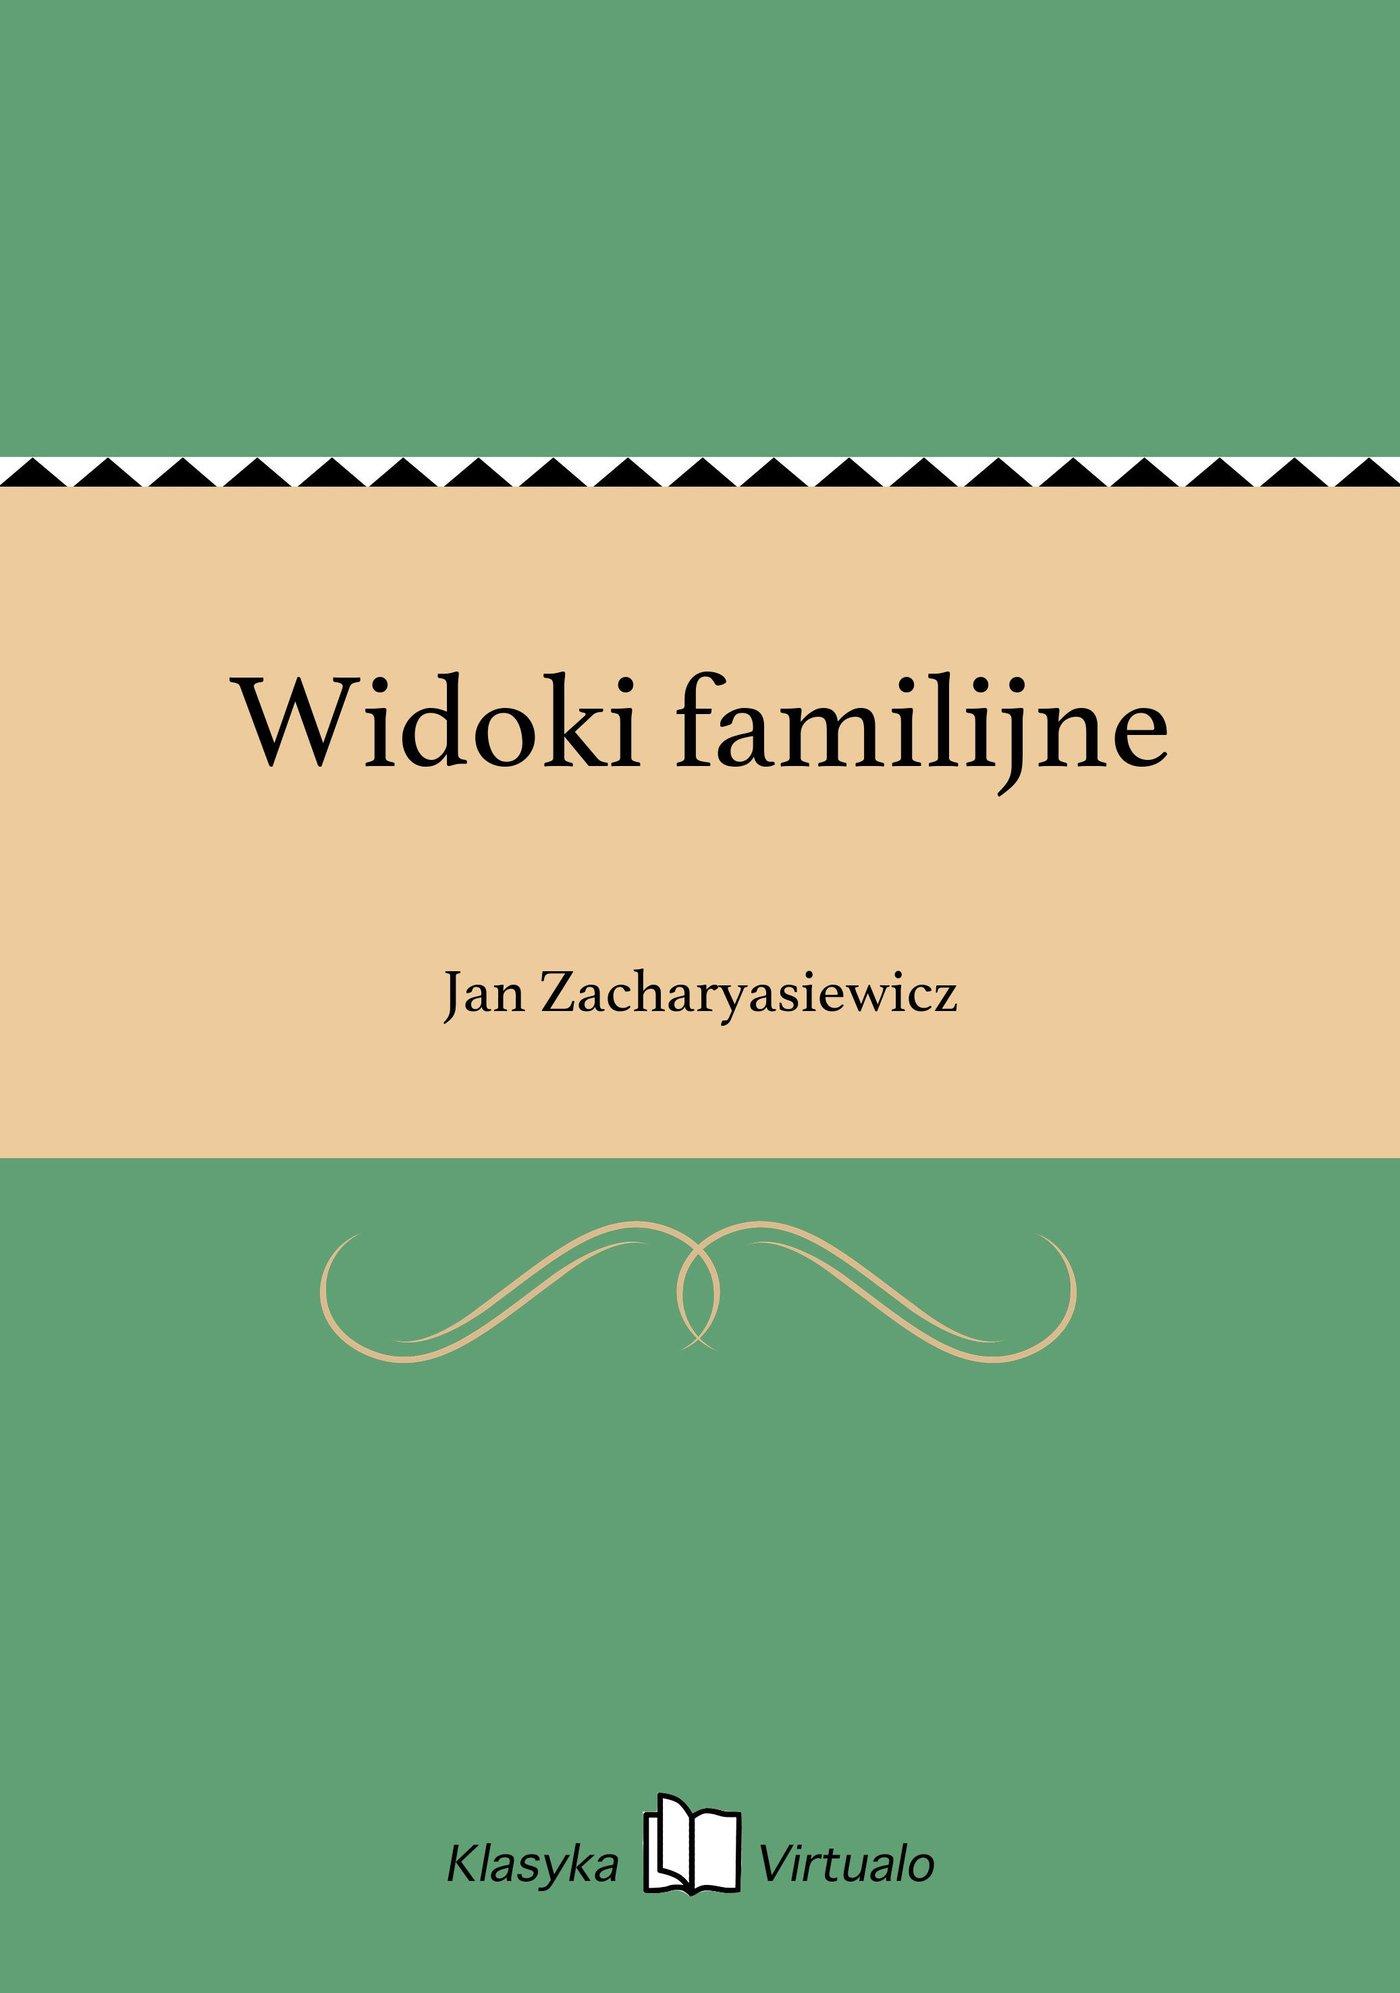 Widoki familijne - Ebook (Książka EPUB) do pobrania w formacie EPUB